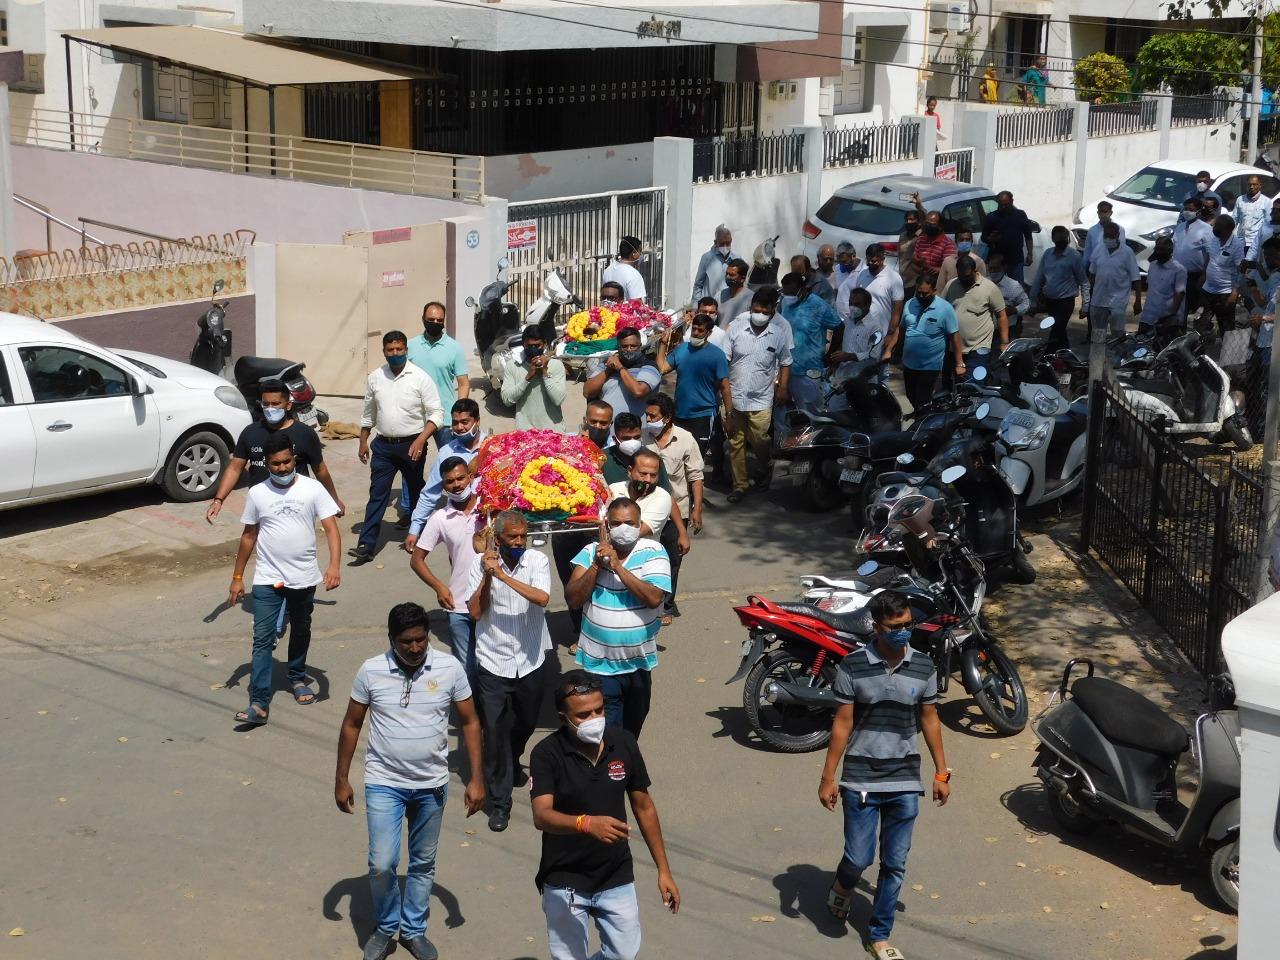 શુક્રવારે સવારે એક જ ઘરમાંથી બે અર્થી ઉઠતાં શહેરીજનોની આંખો ભરાઈ ઉઠી હતી. - Divya Bhaskar